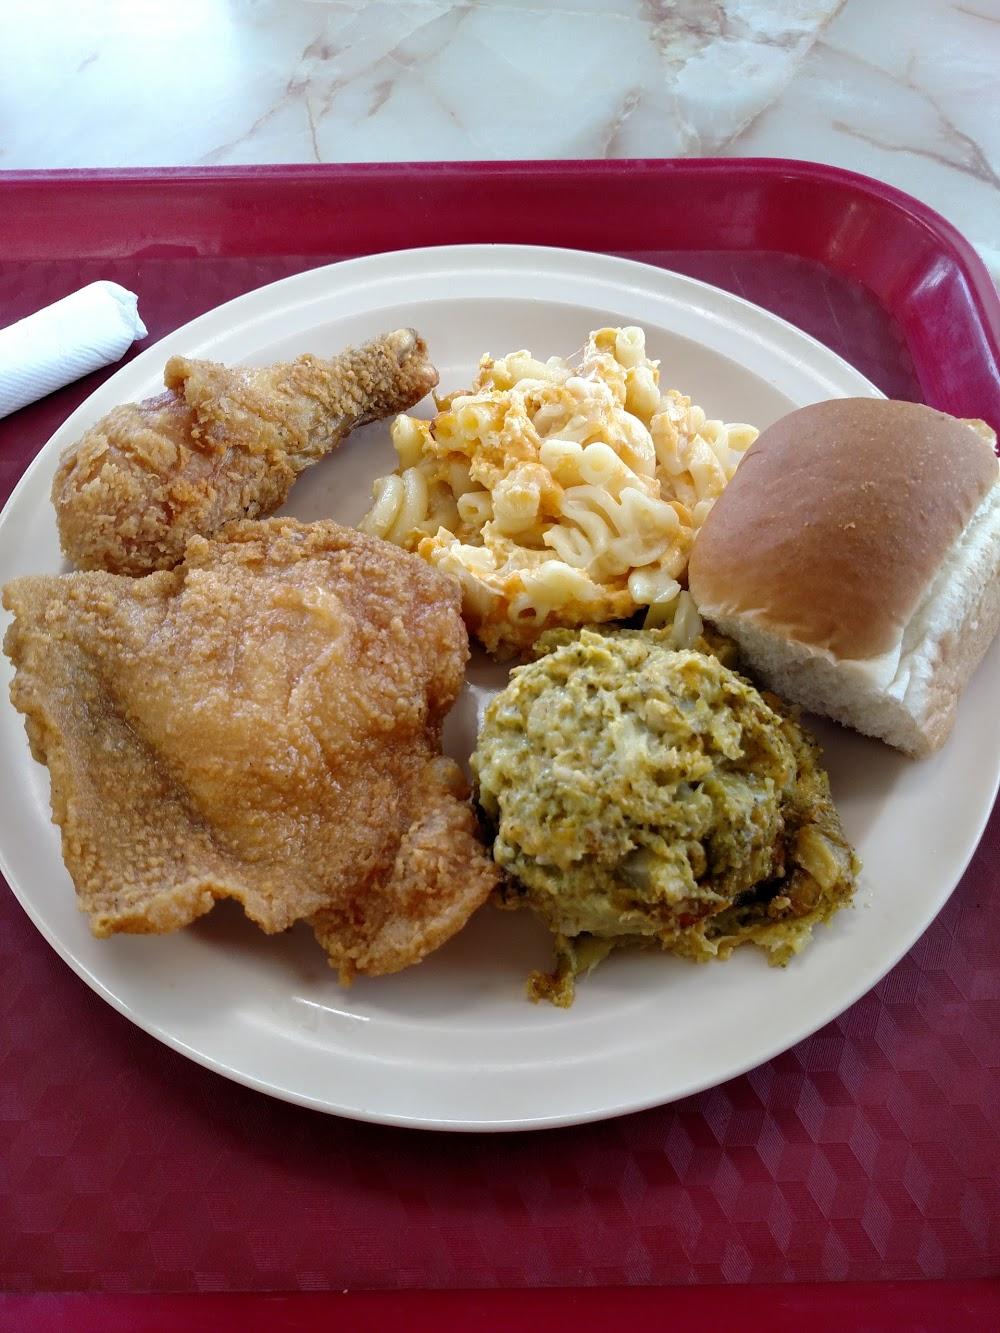 O J's Diner